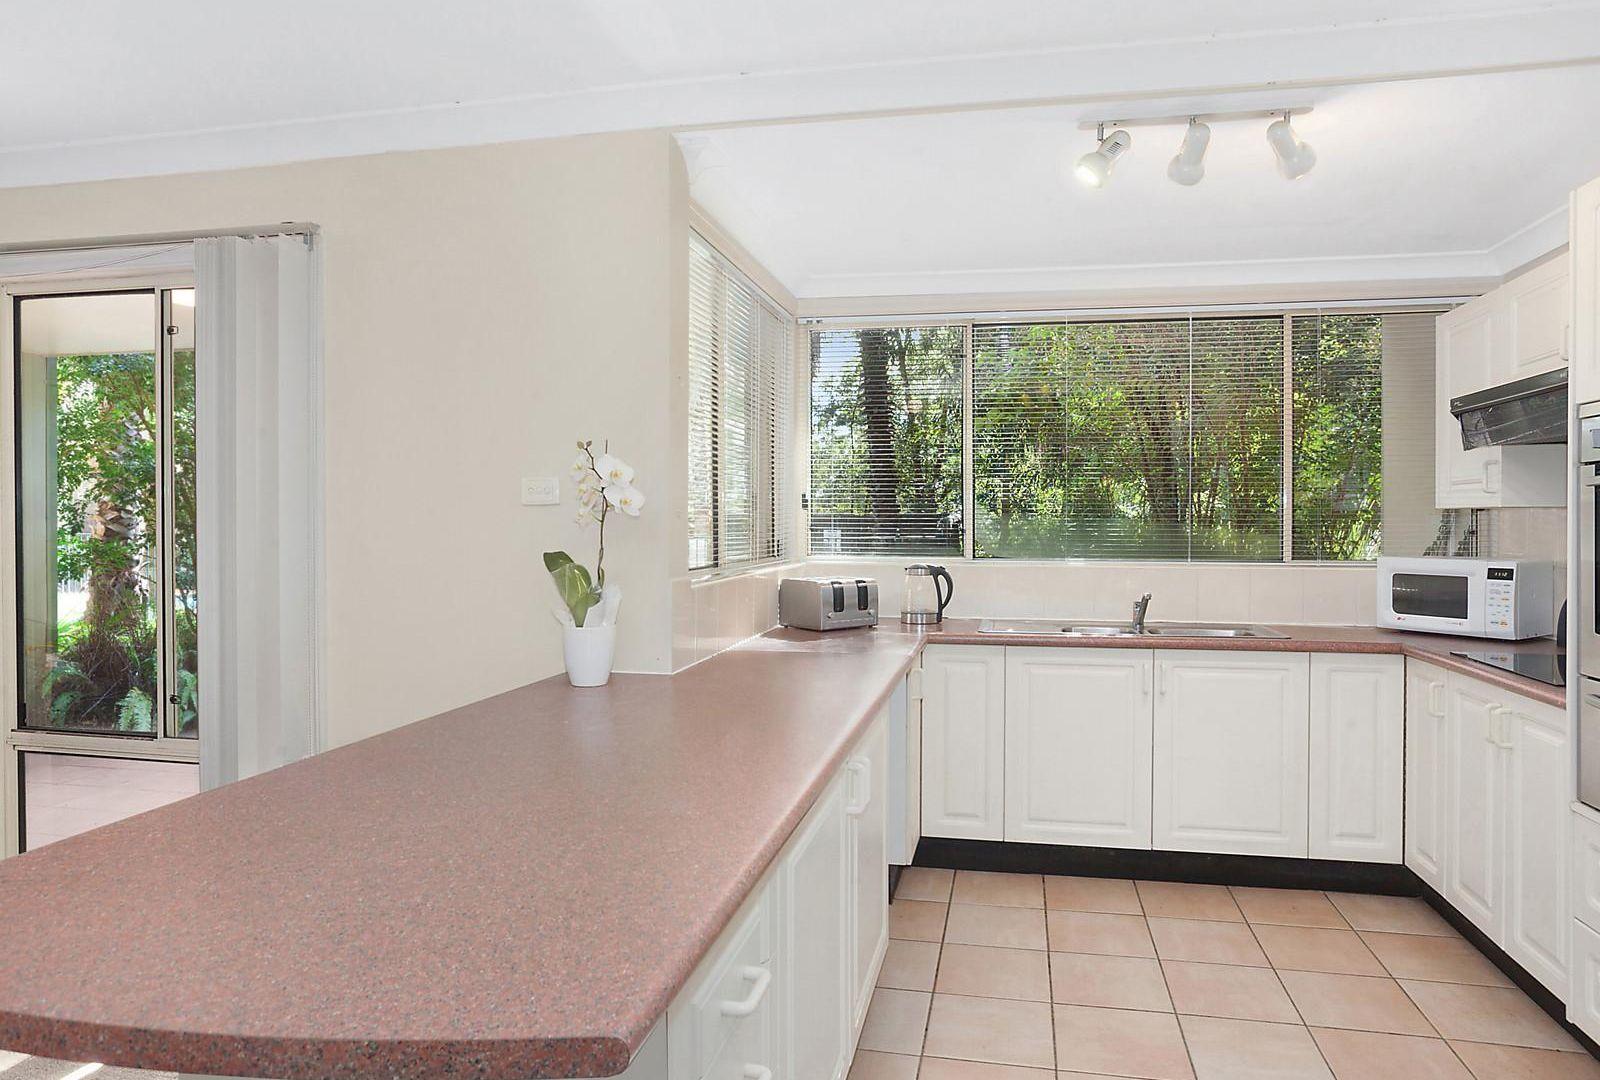 4/117 John Whiteway Drive, Gosford NSW 2250, Image 2